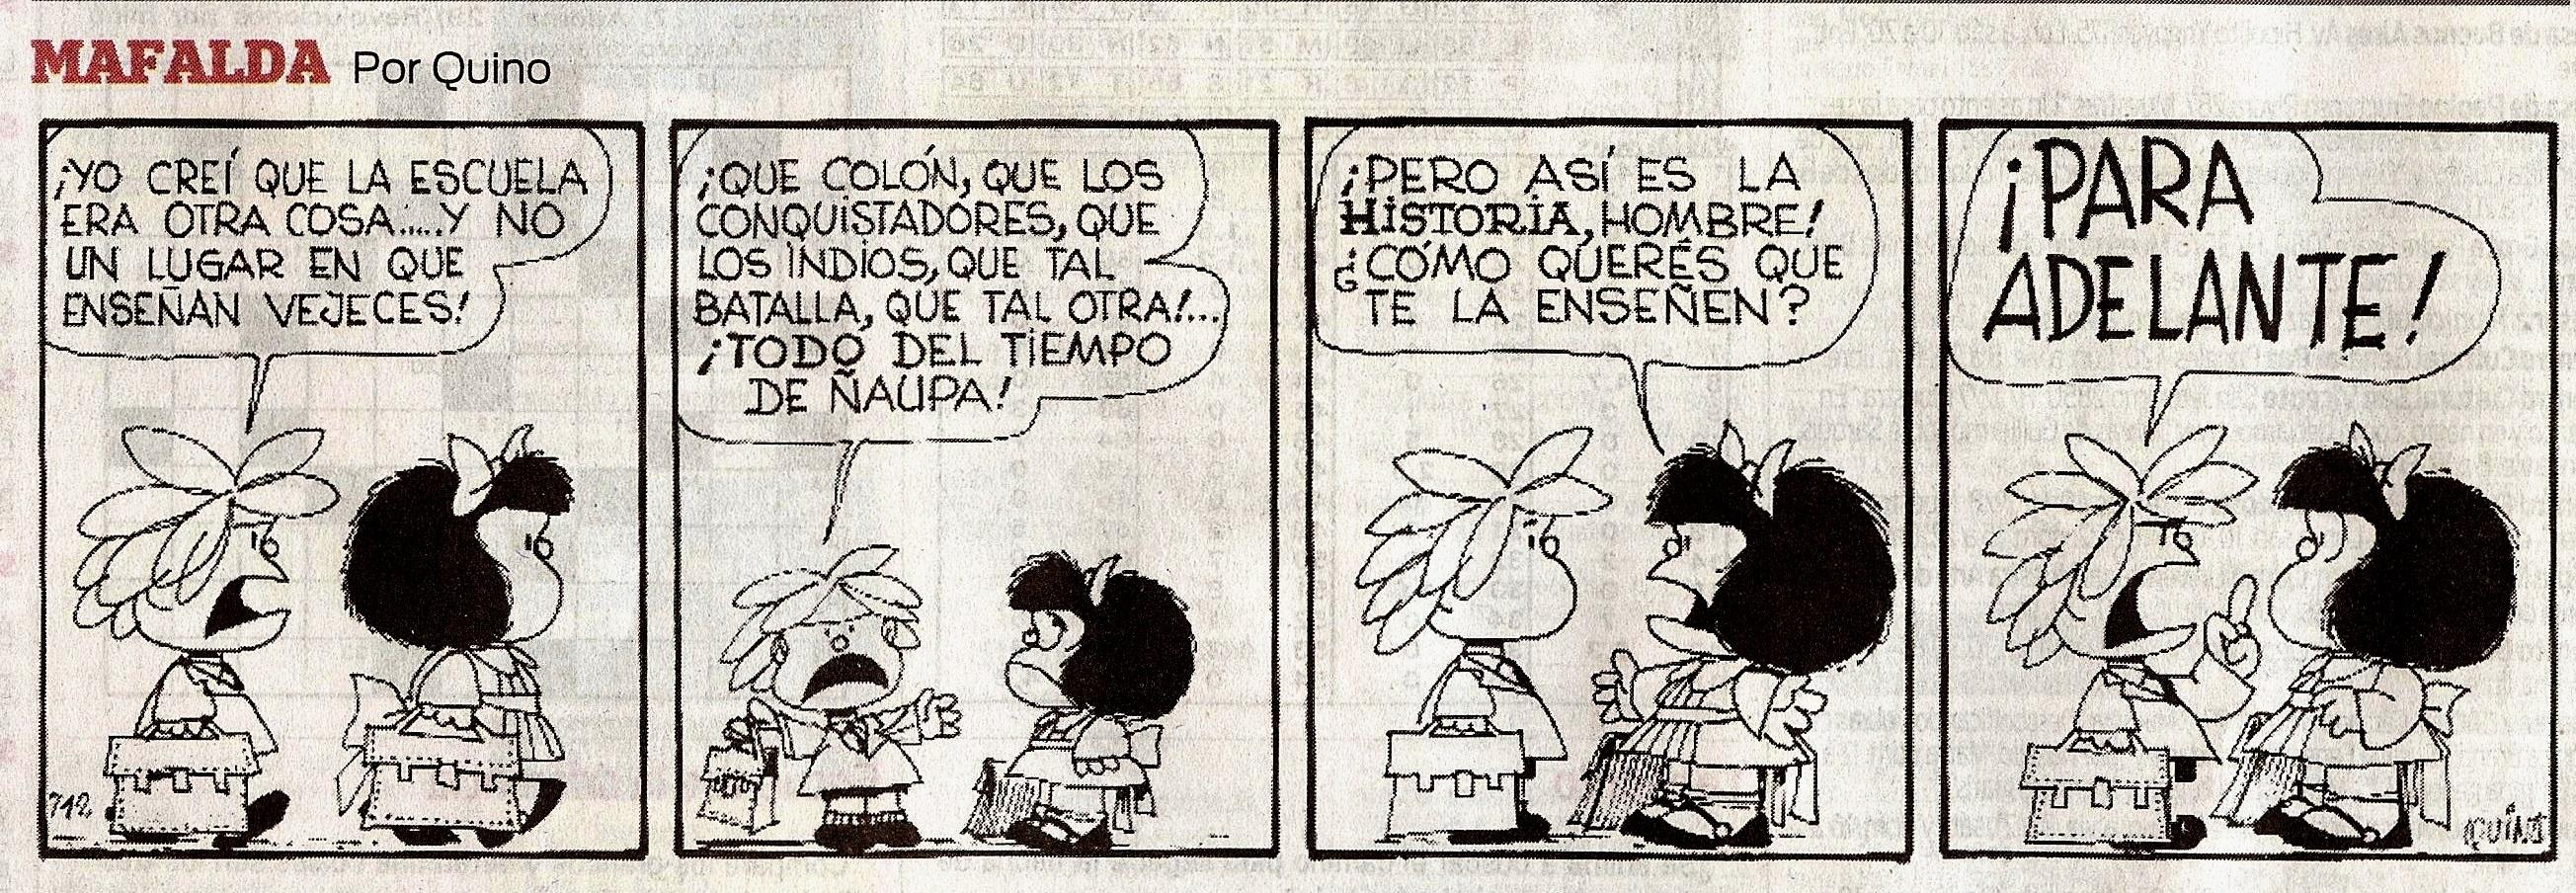 Reflexión sobre el pasado - Mafalda, Por Quino